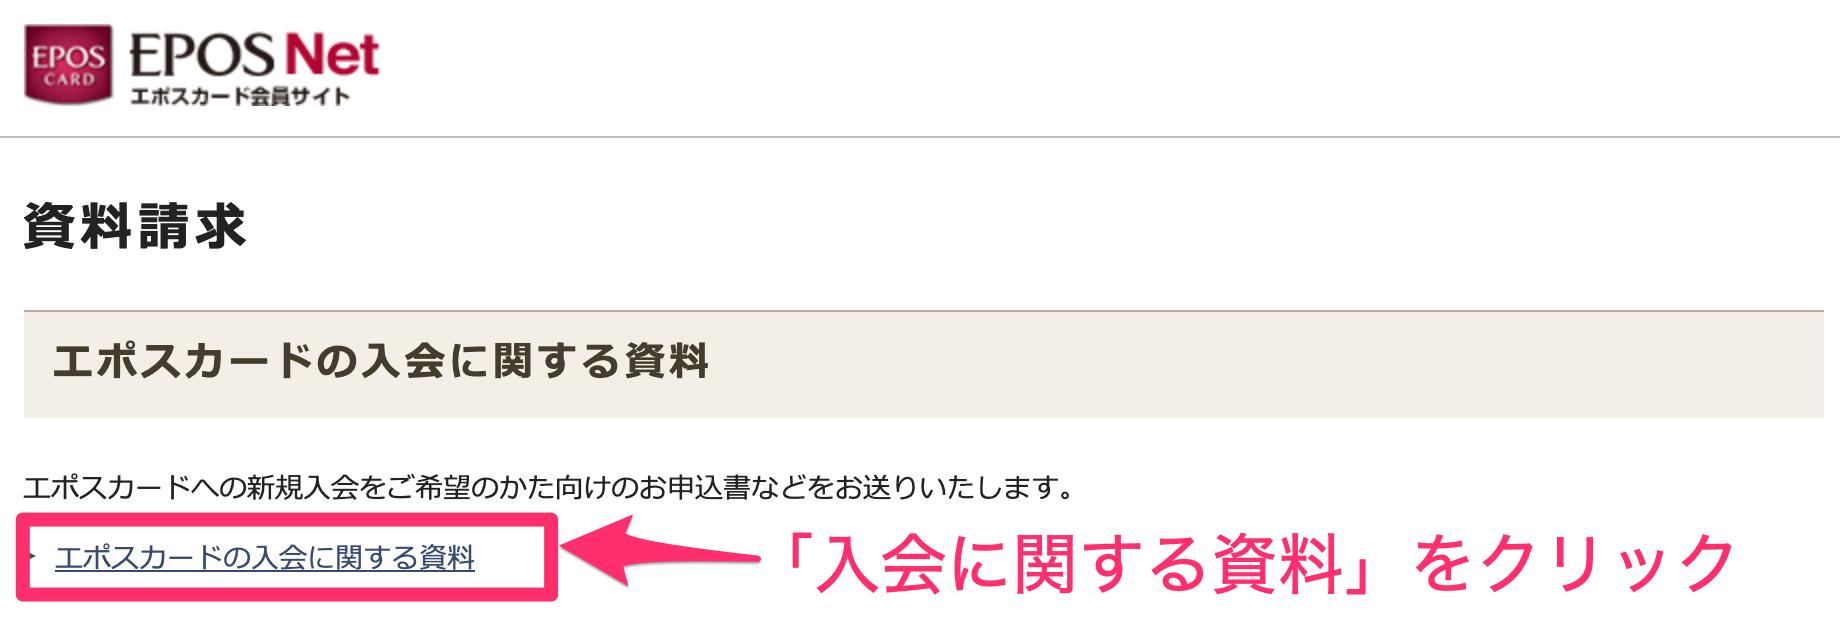 エポスカード 申し込み方法 資料請求04